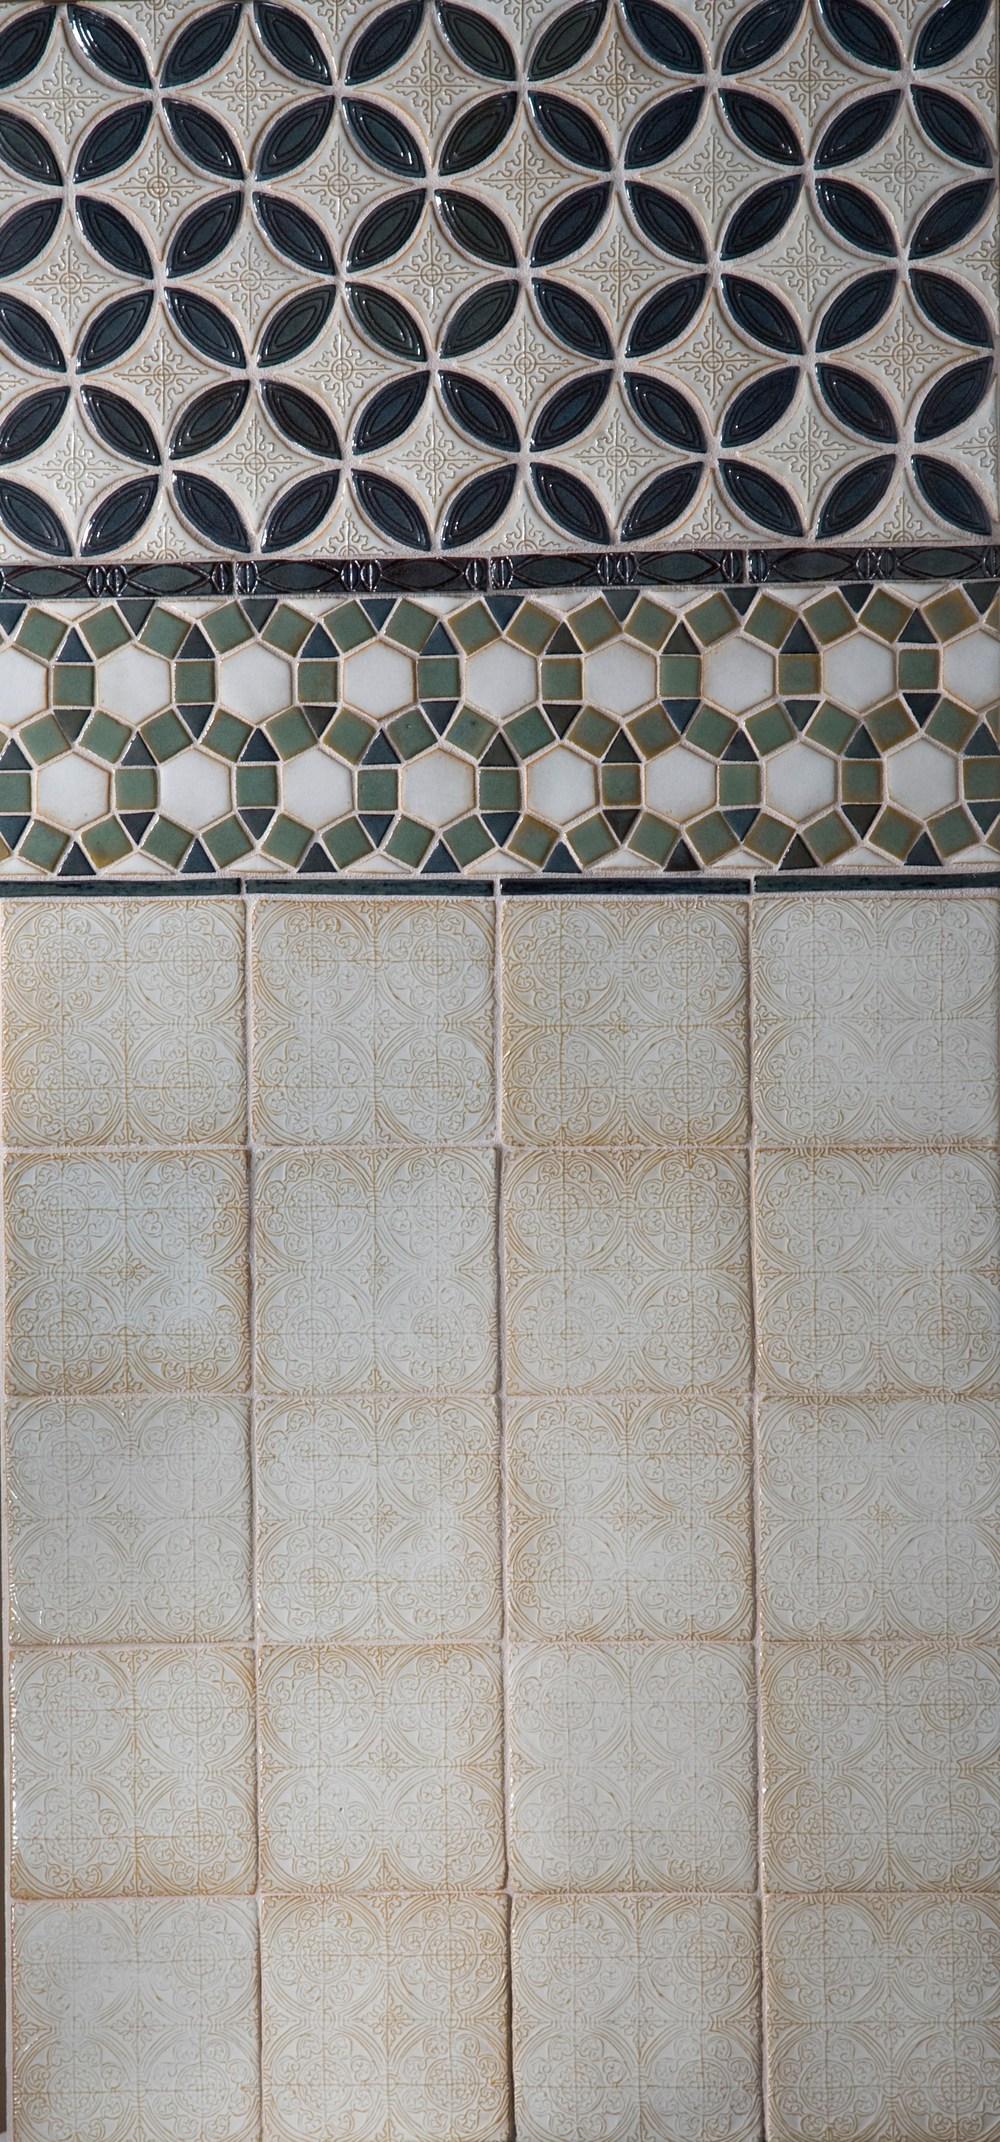 11_Lilywork-Tiles 2013.jpg